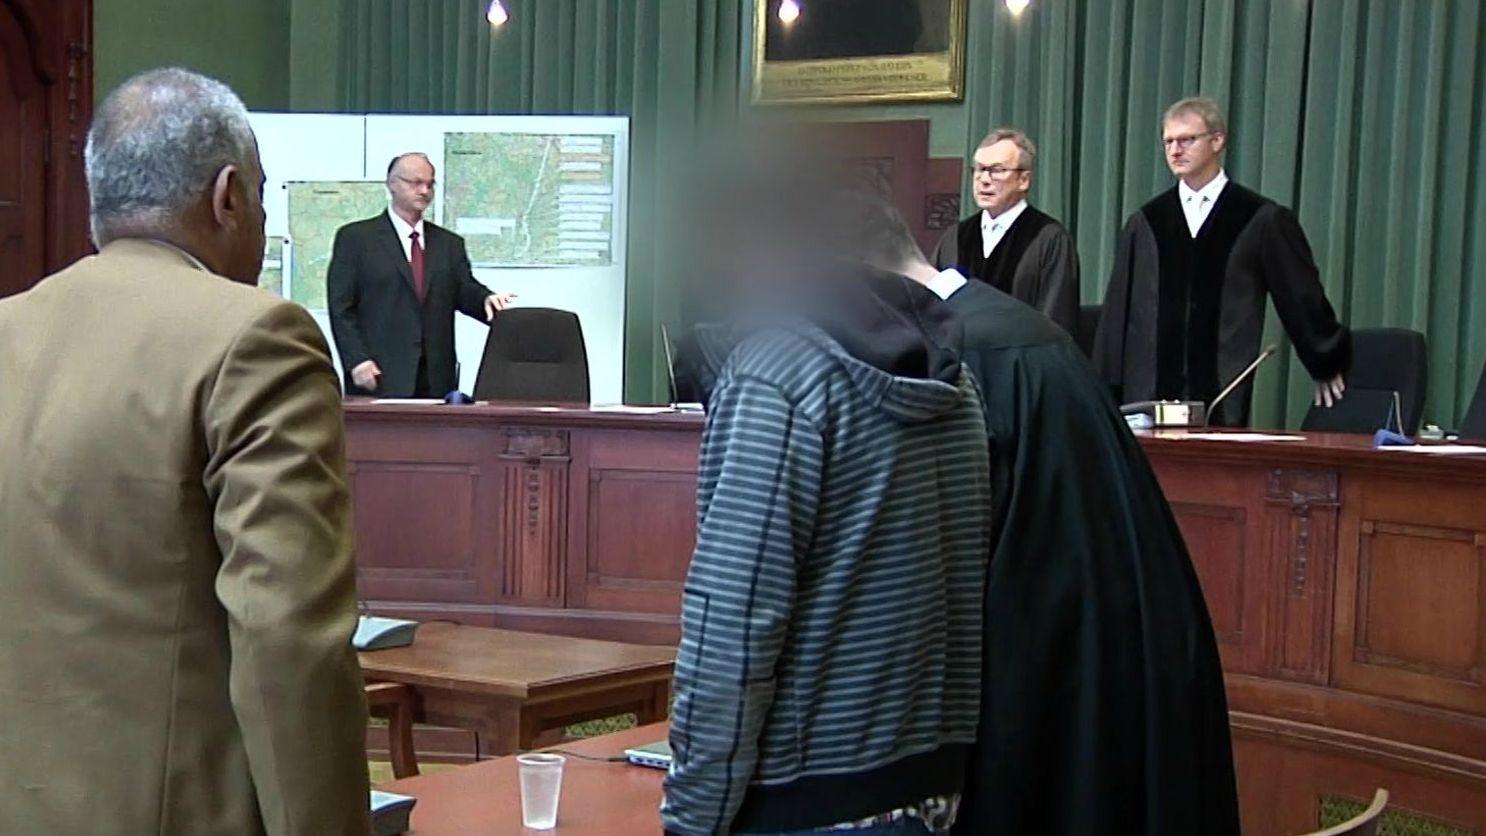 Der wegen Mordes angeklagte Lkw-Fahrer im Landgericht Bayreuth, im Hintergrund die Richter.